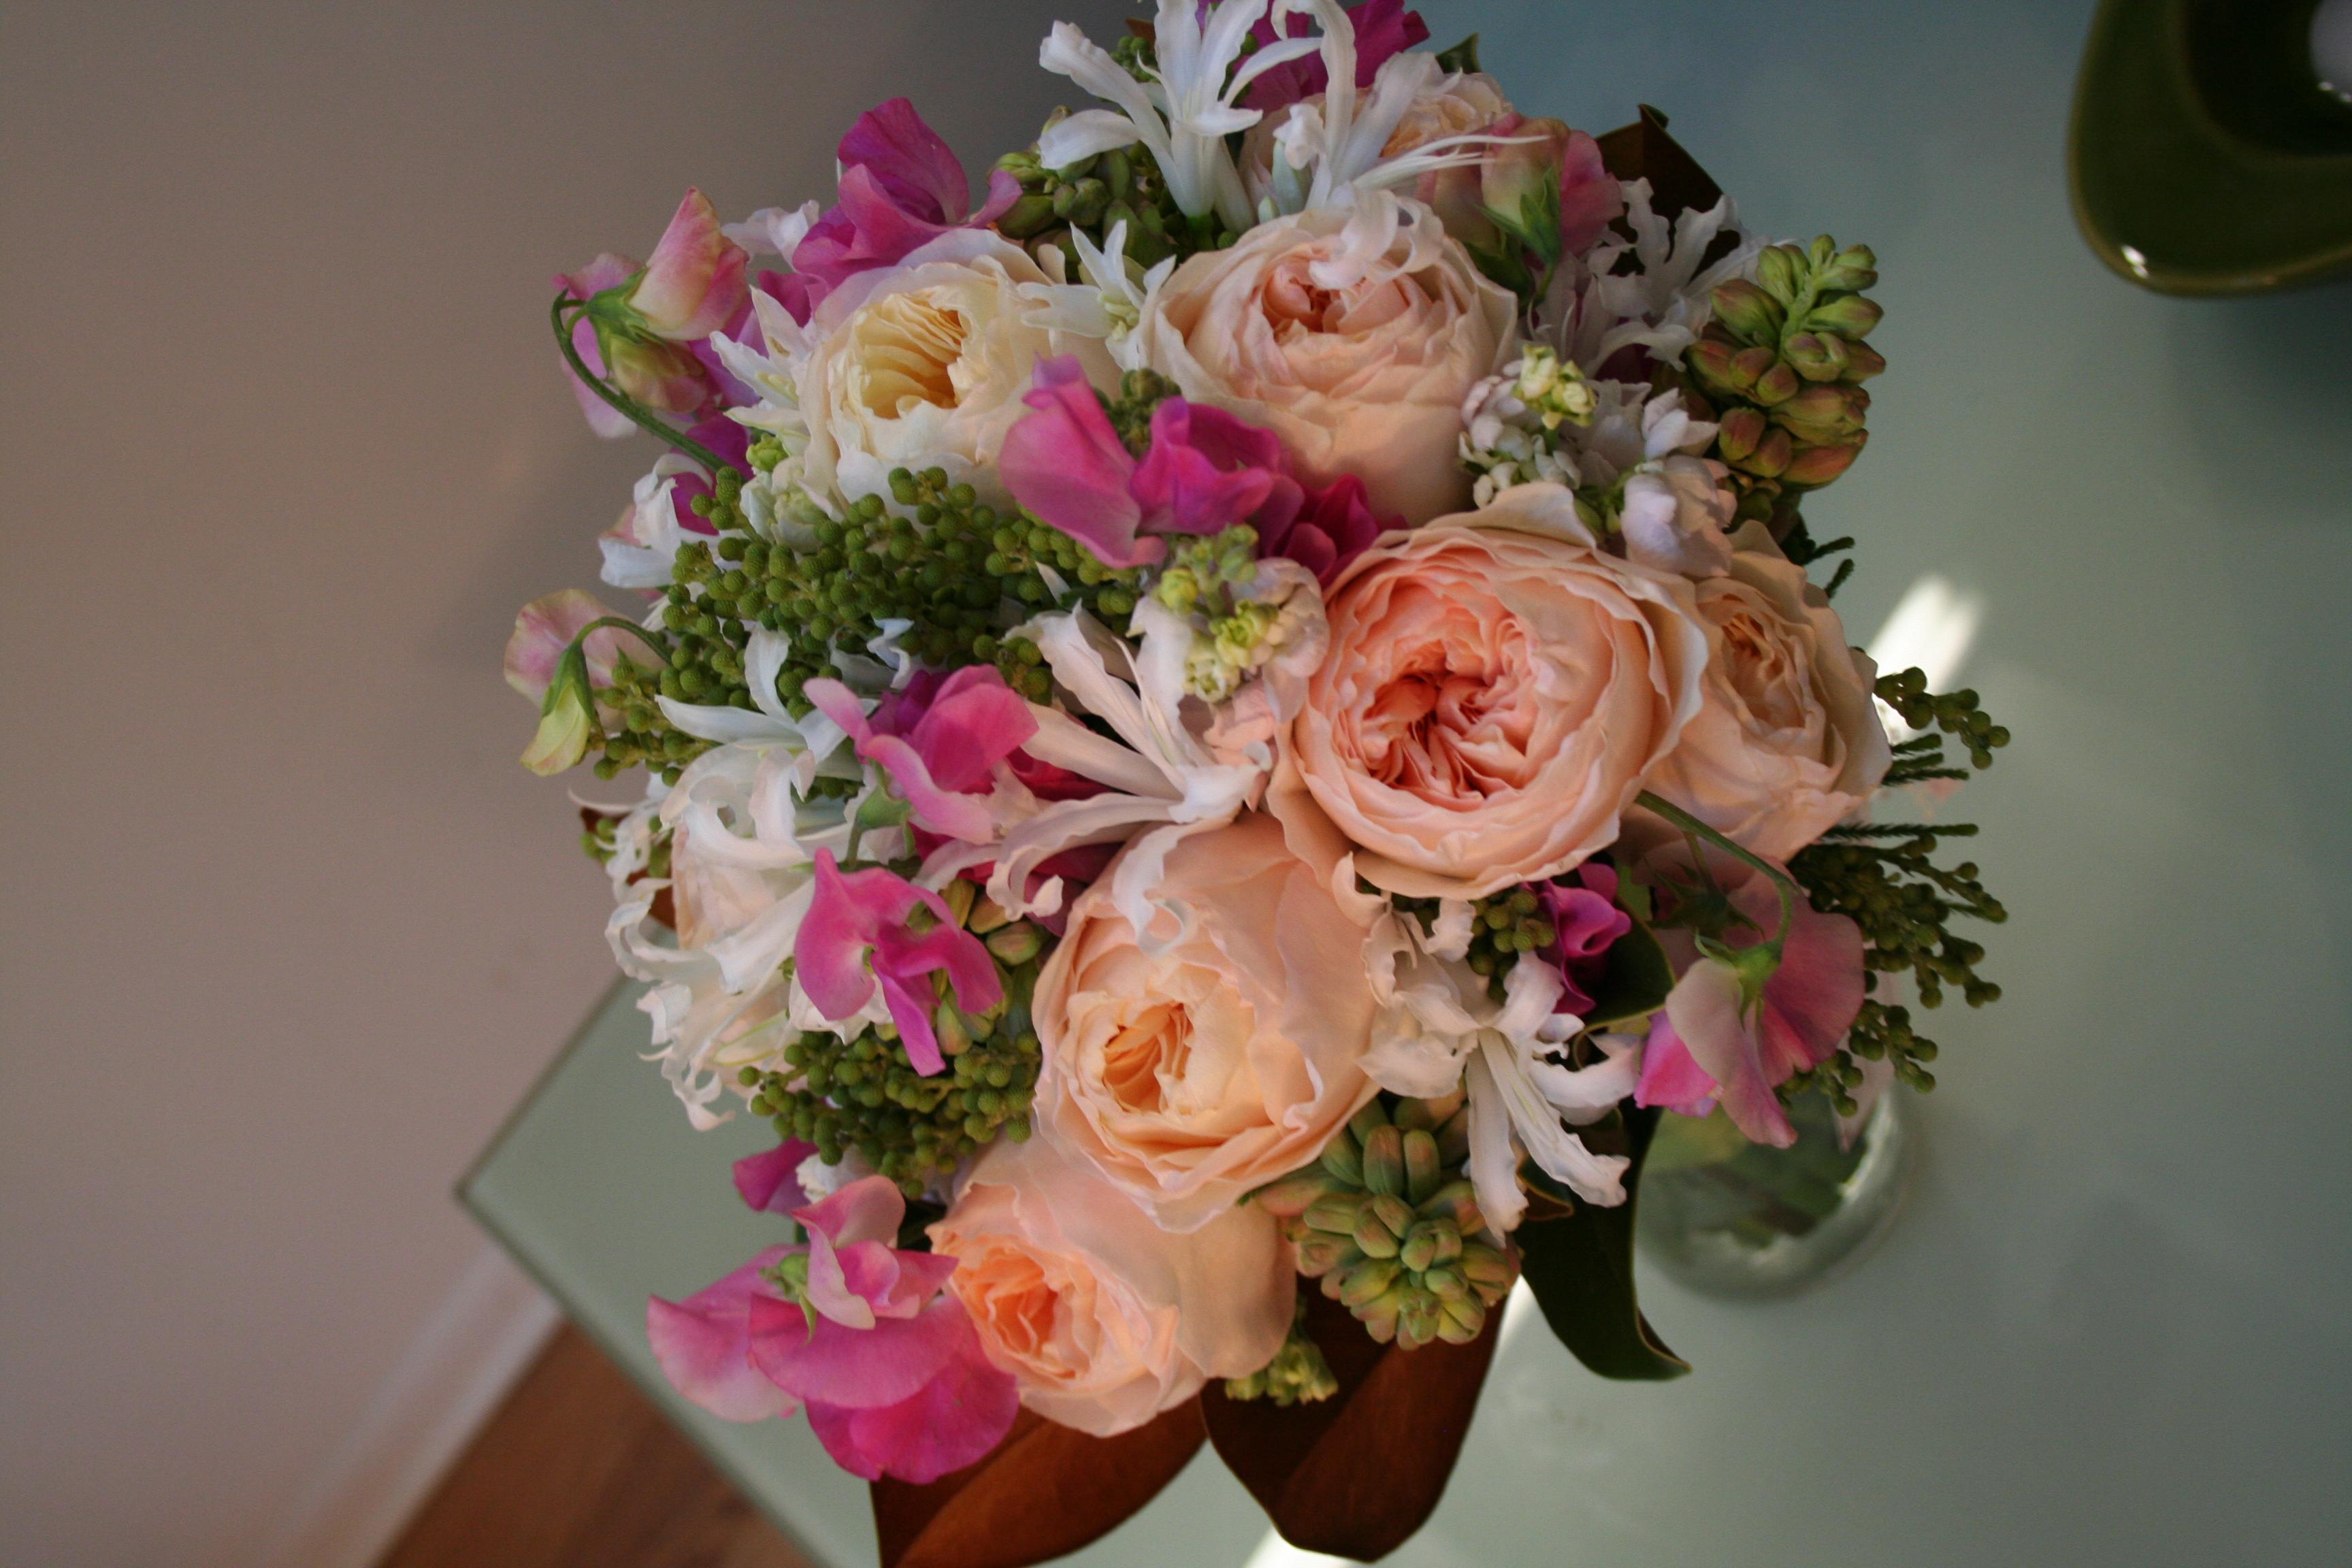 Wedding Flowers By Scarlet Petal Florist Chicago Il Peach Bouquet